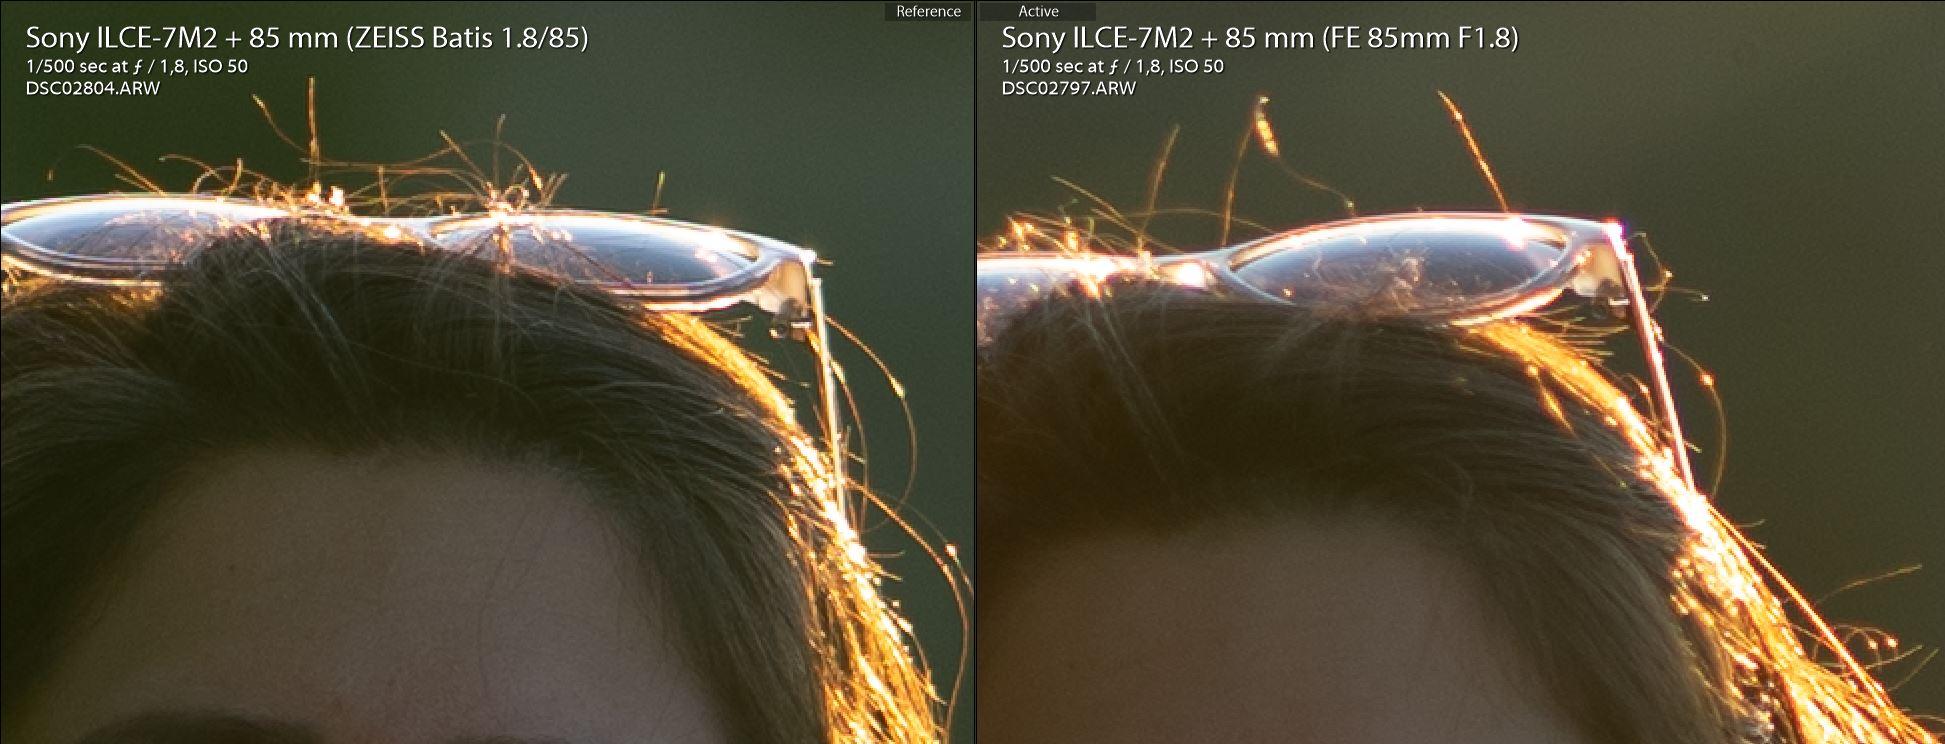 Zeiss-Batis-85mm-vs-Sony-FE-85mm-F1.8-chromatic-aberration.JPG